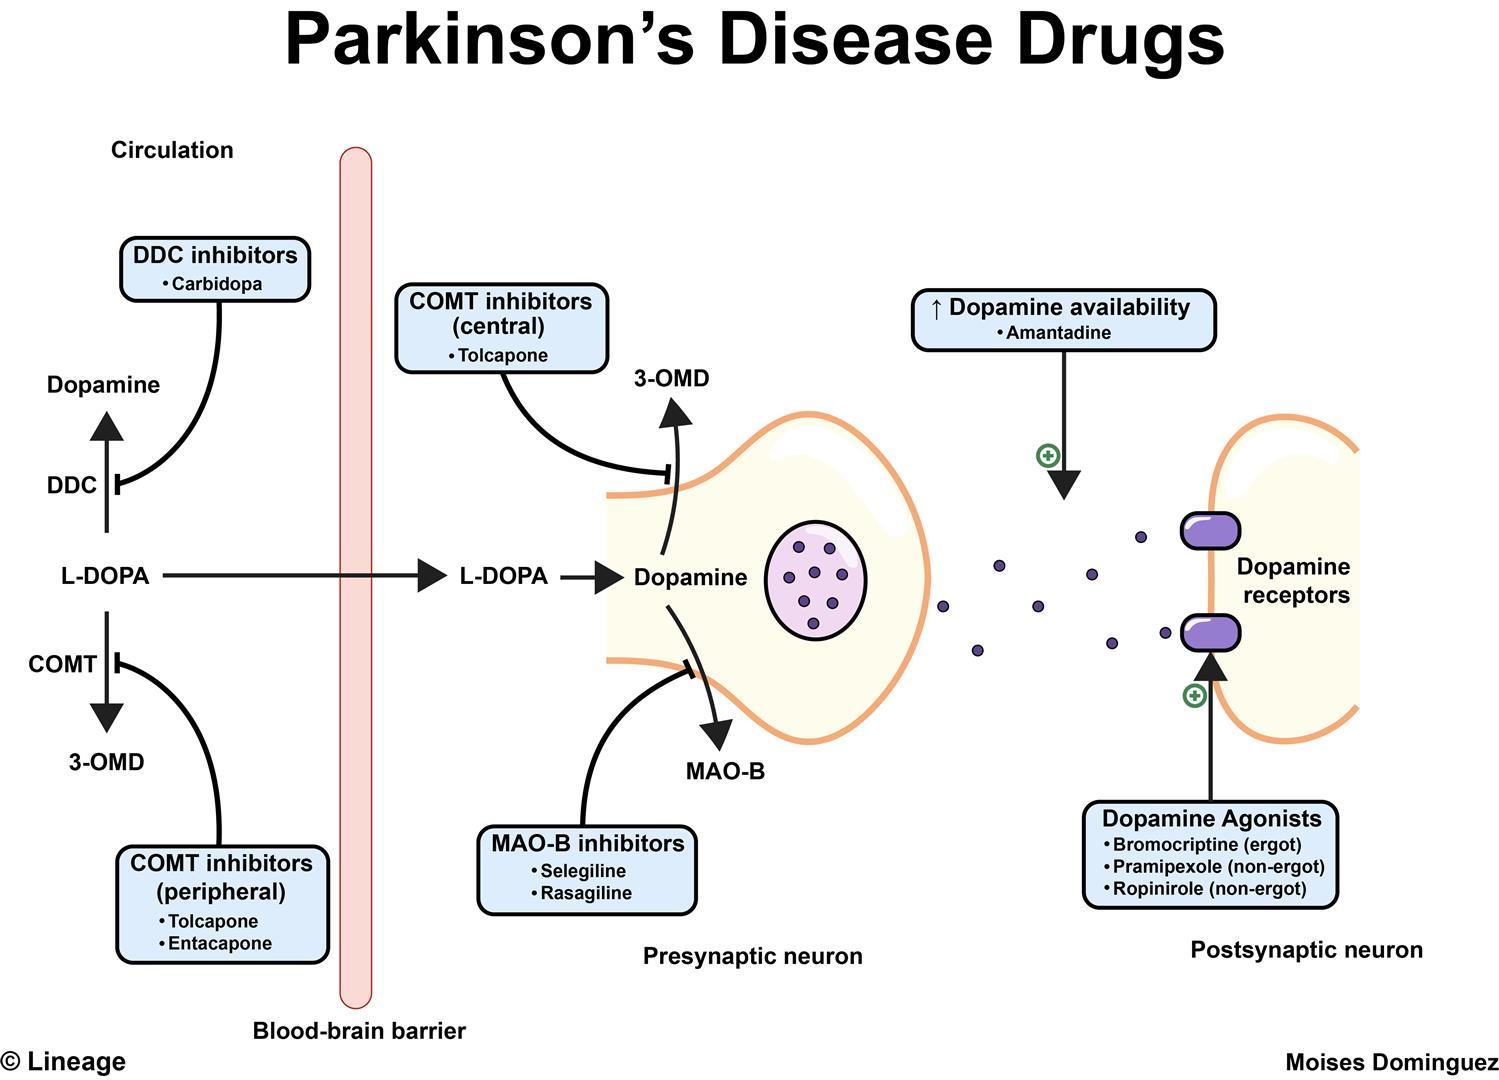 parkinson disease drugs - moises dominguez - updated